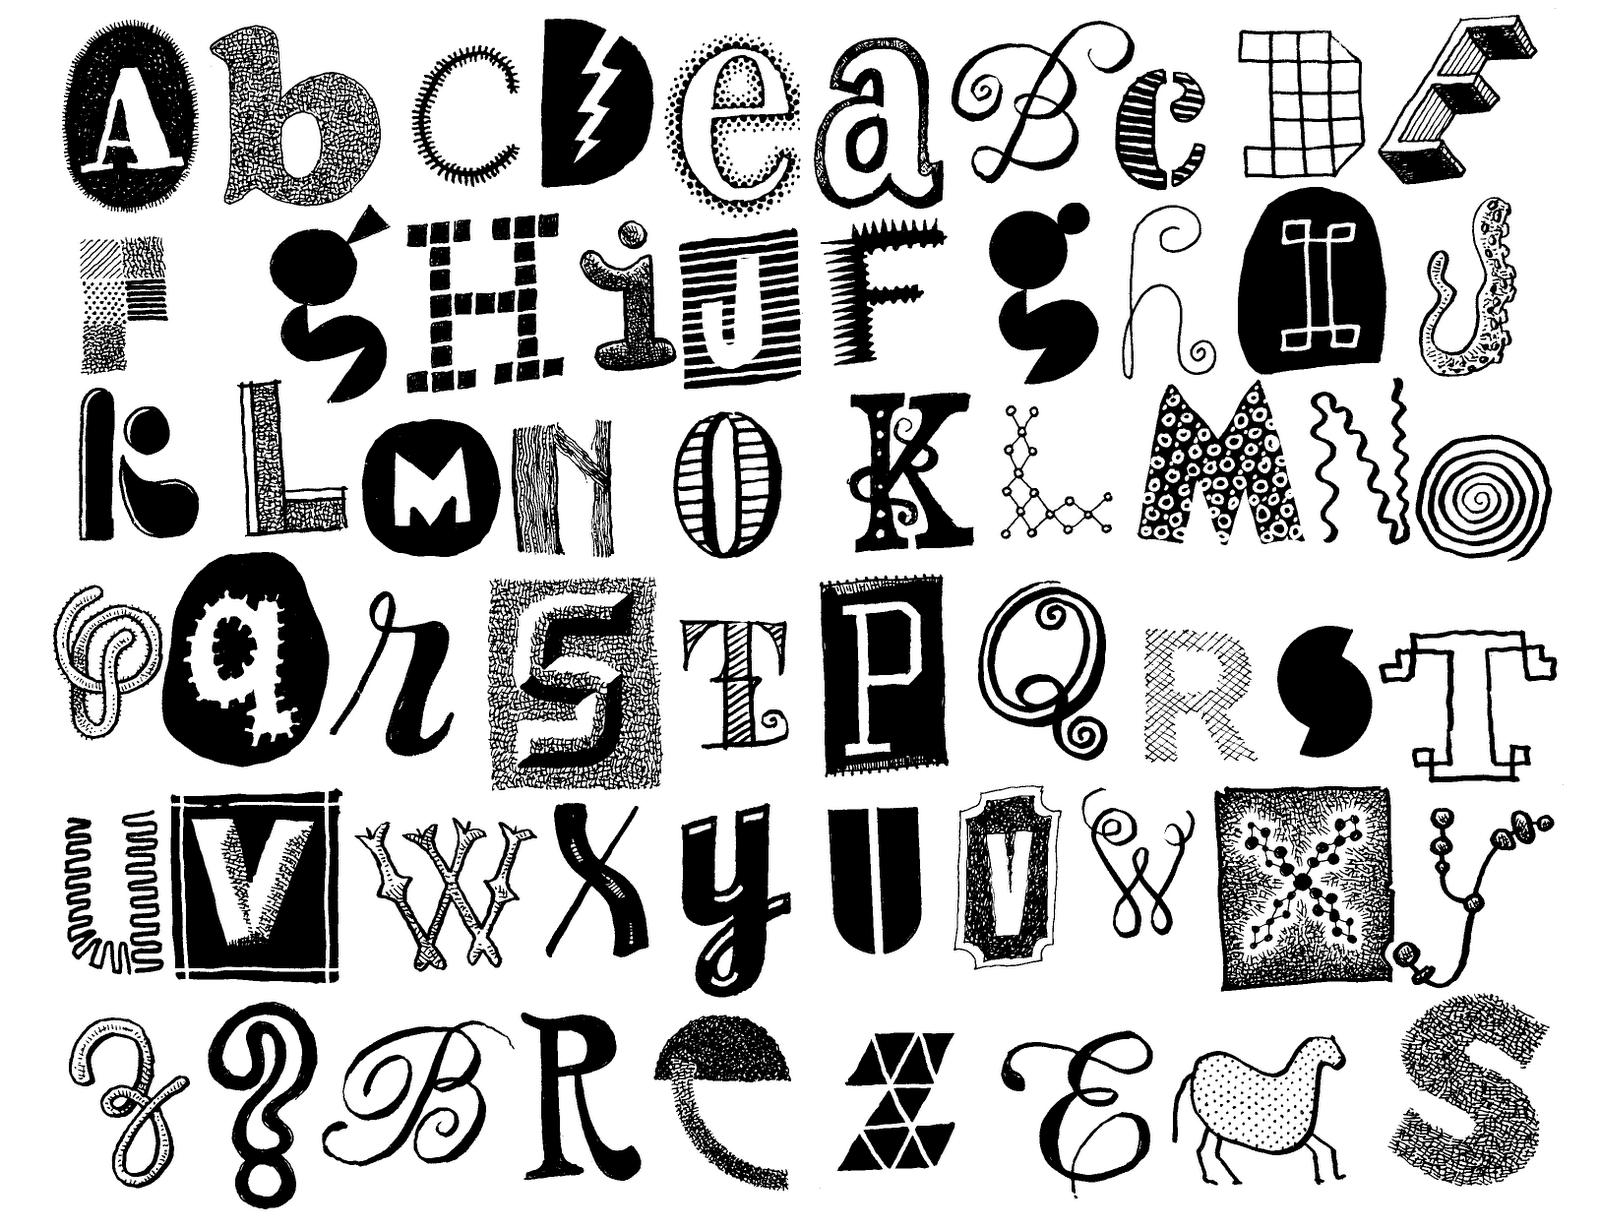 Don Moyer Sketchbook: Letters 104